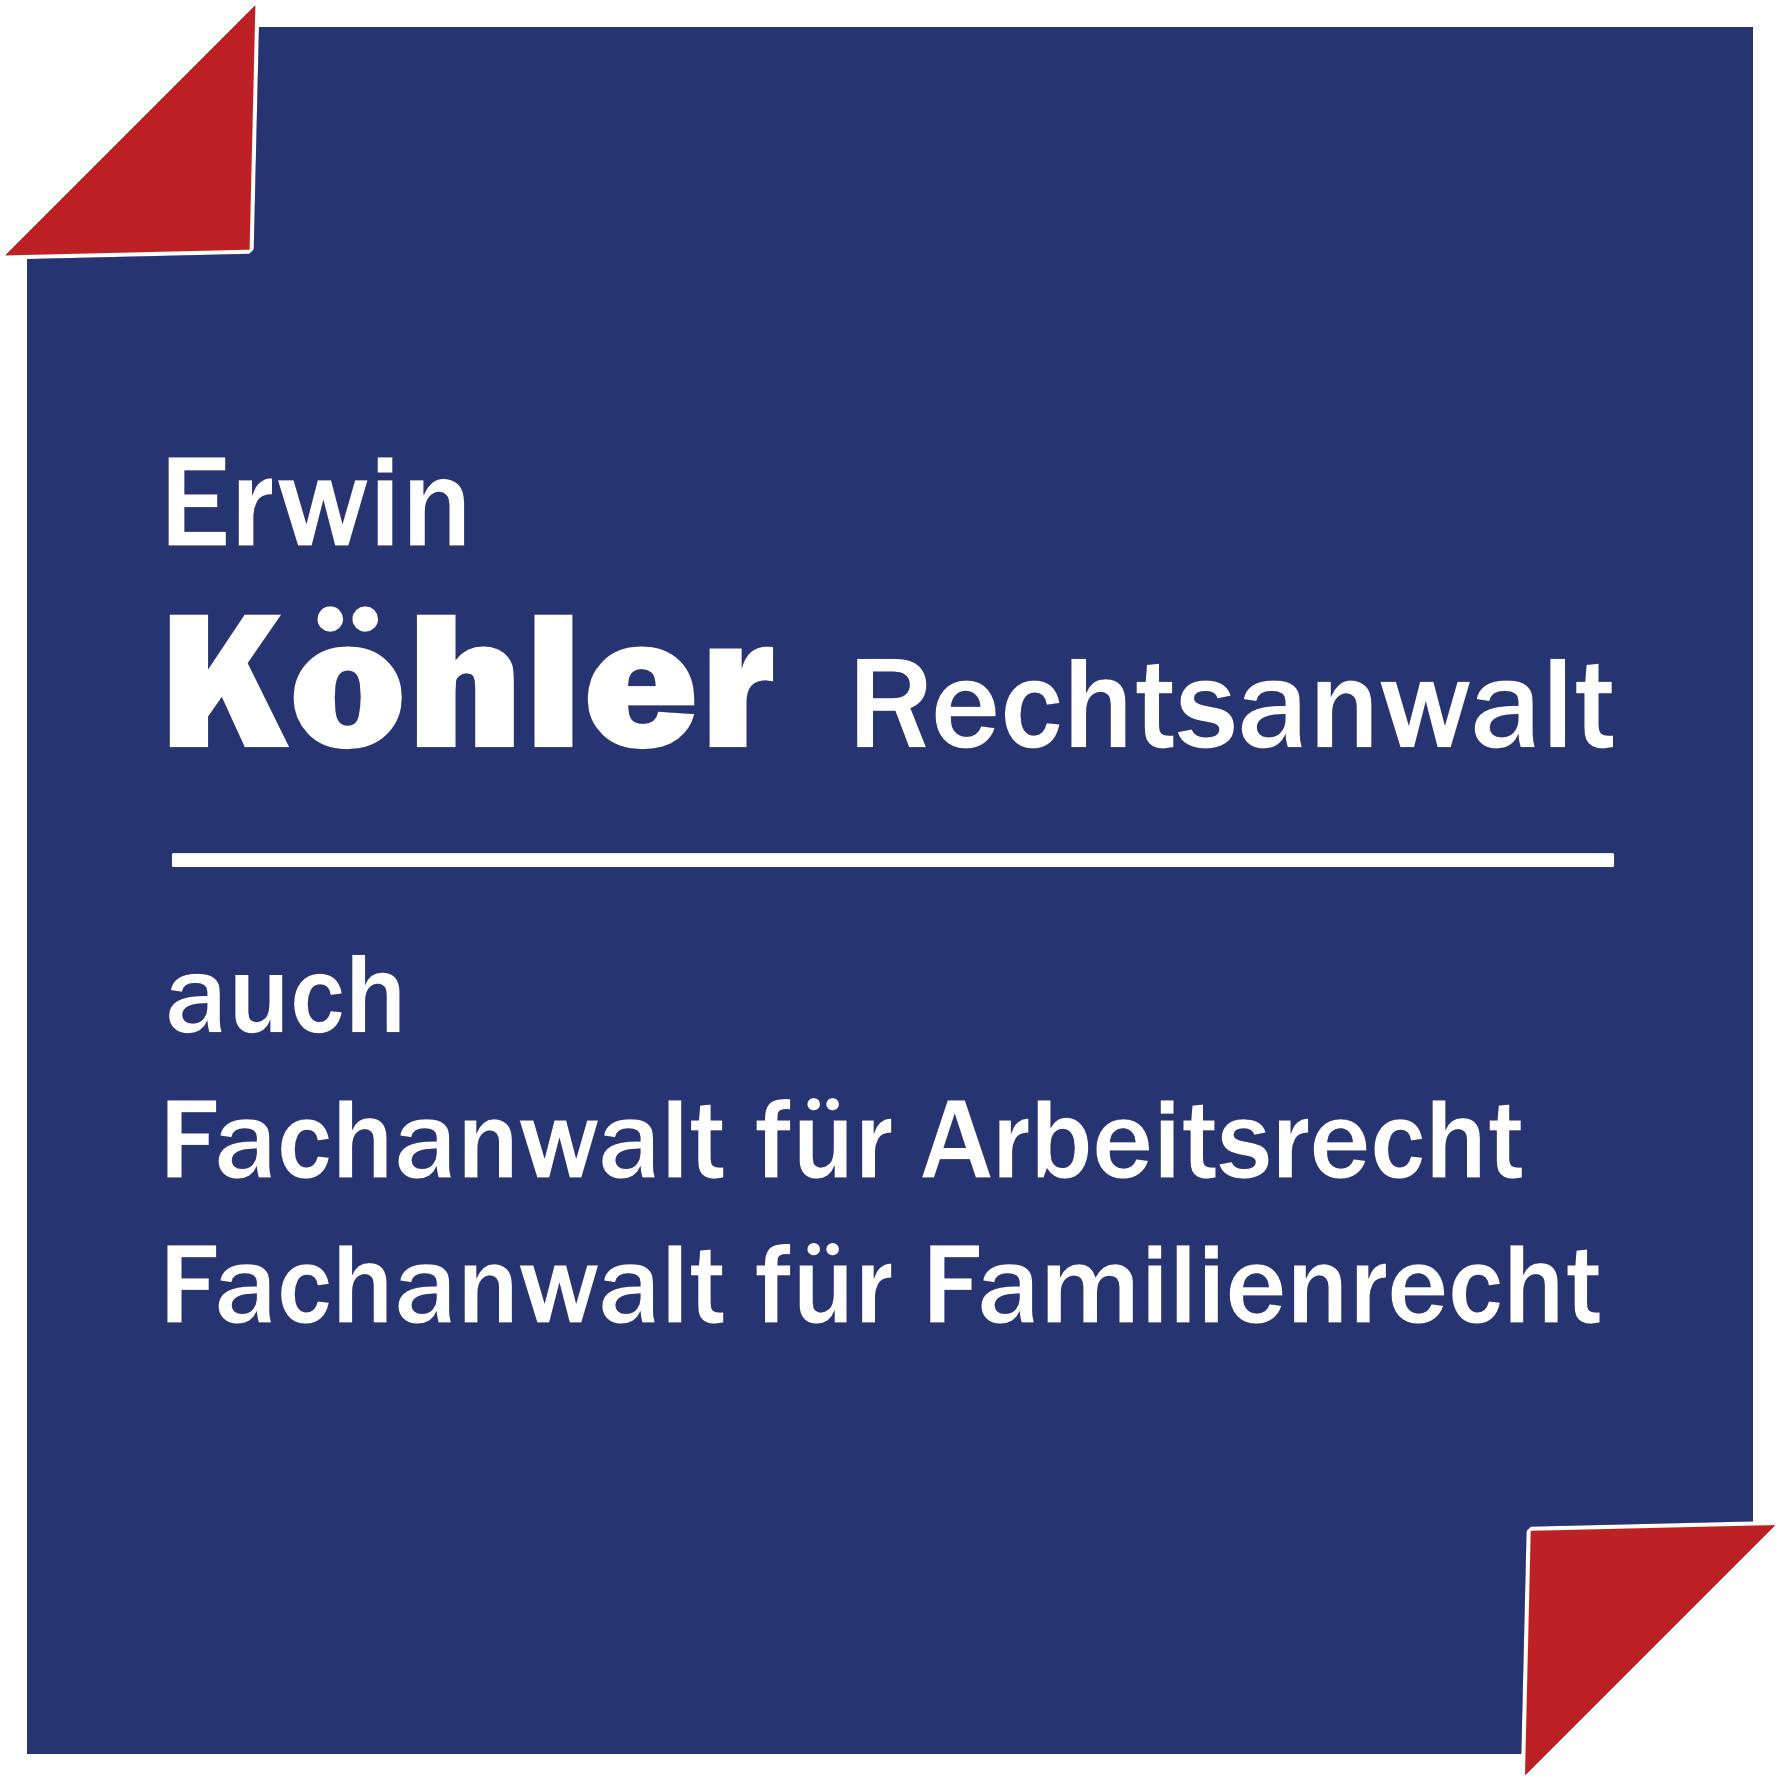 Rechtsanwalt & Fachanwalt Erwin Köhler in Meppen